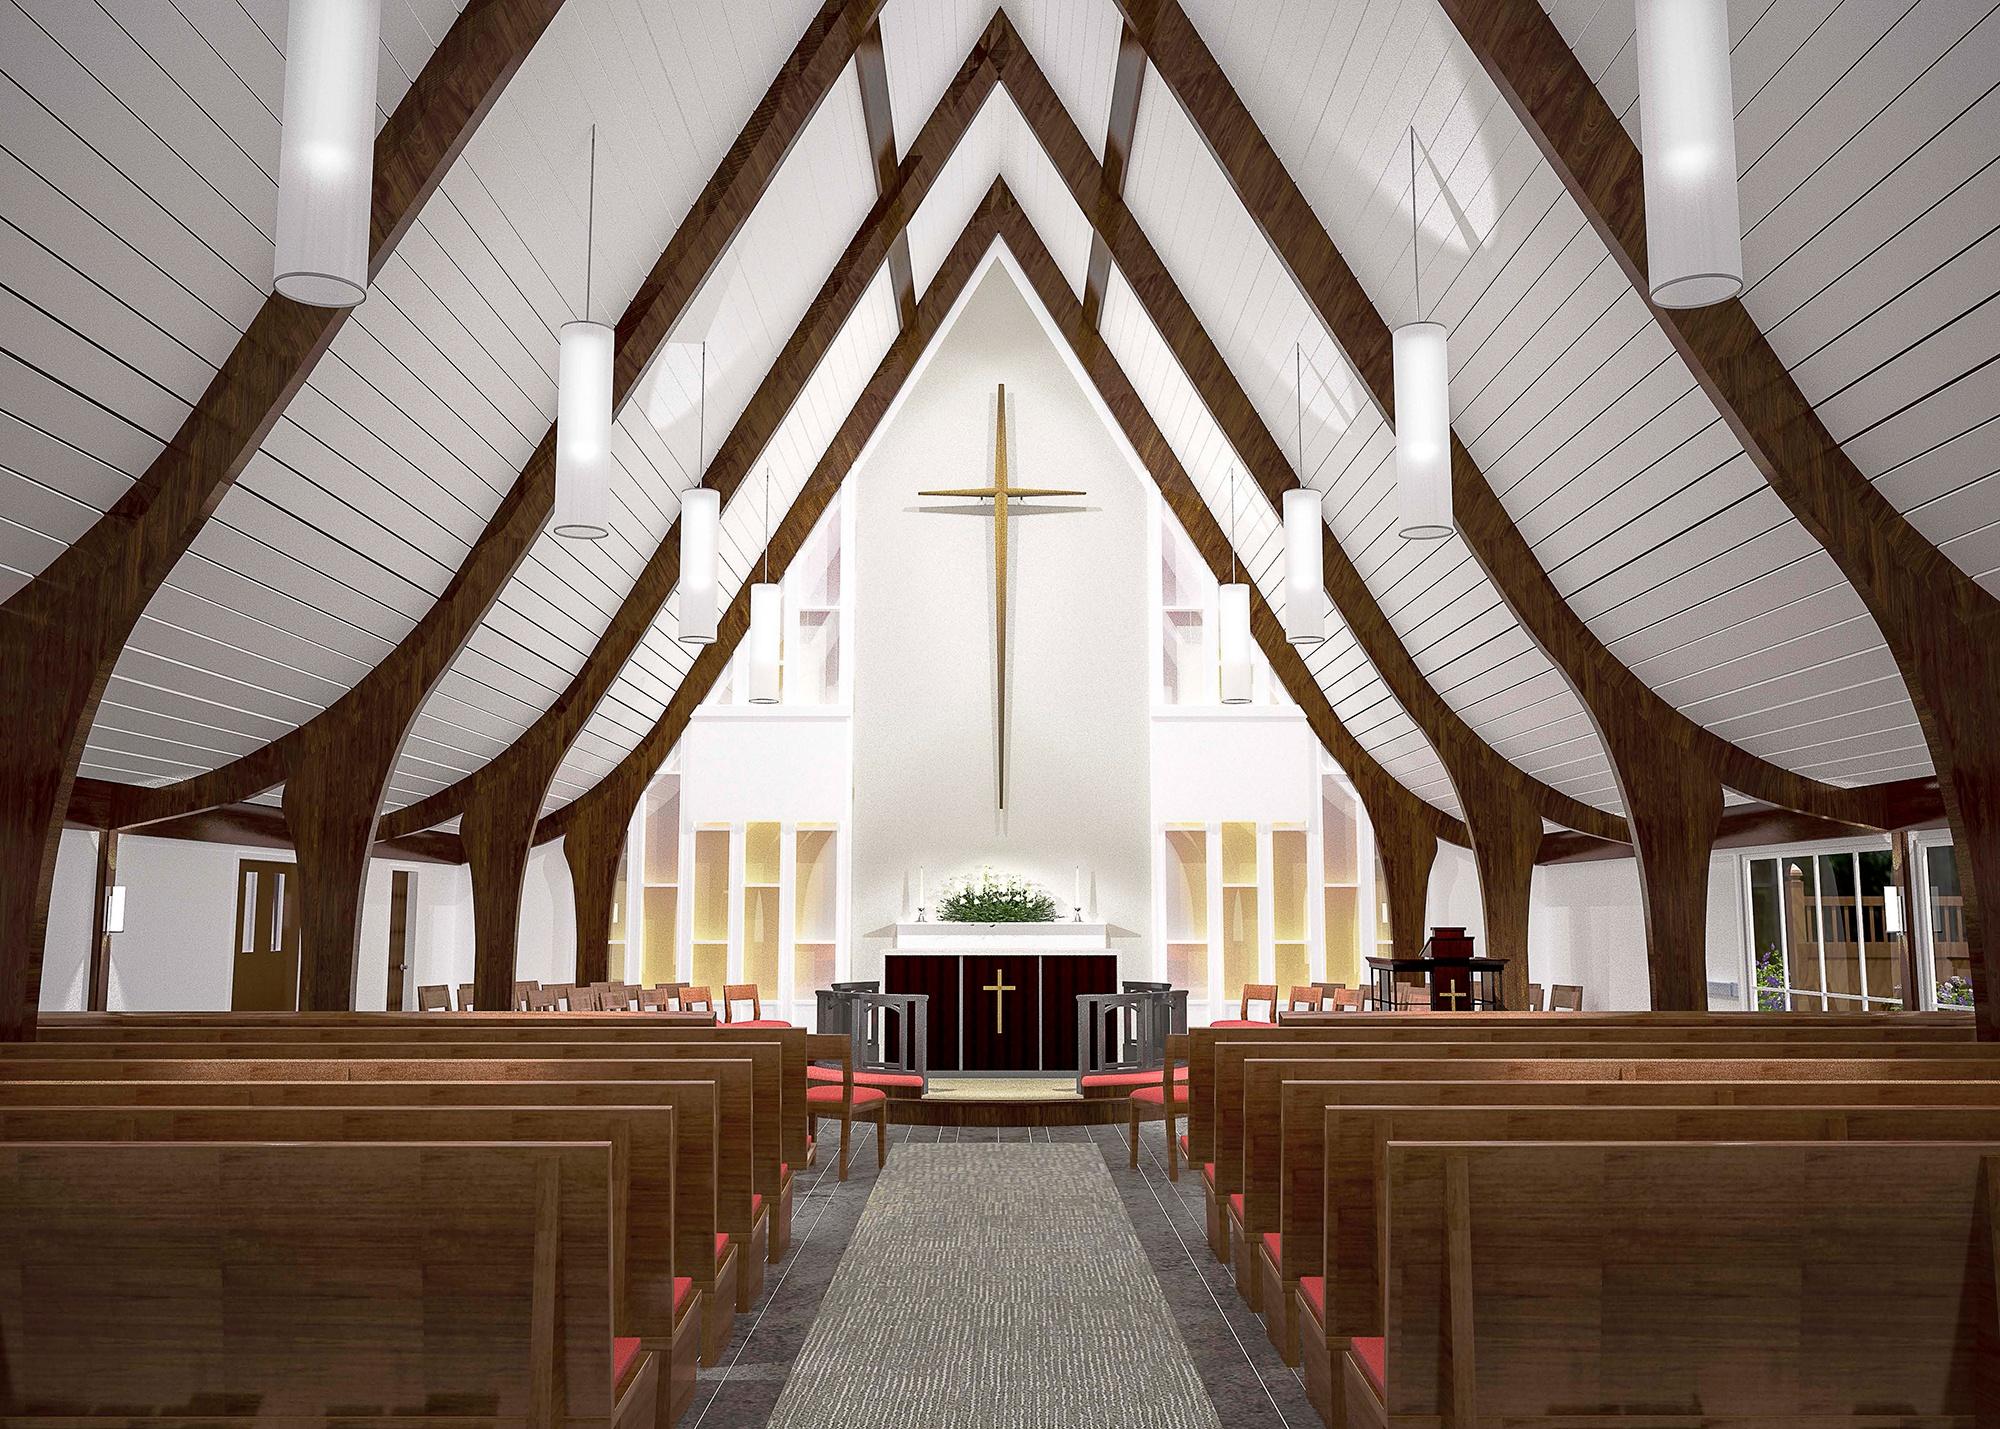 St-Elizabeths-Renderings_Page_1